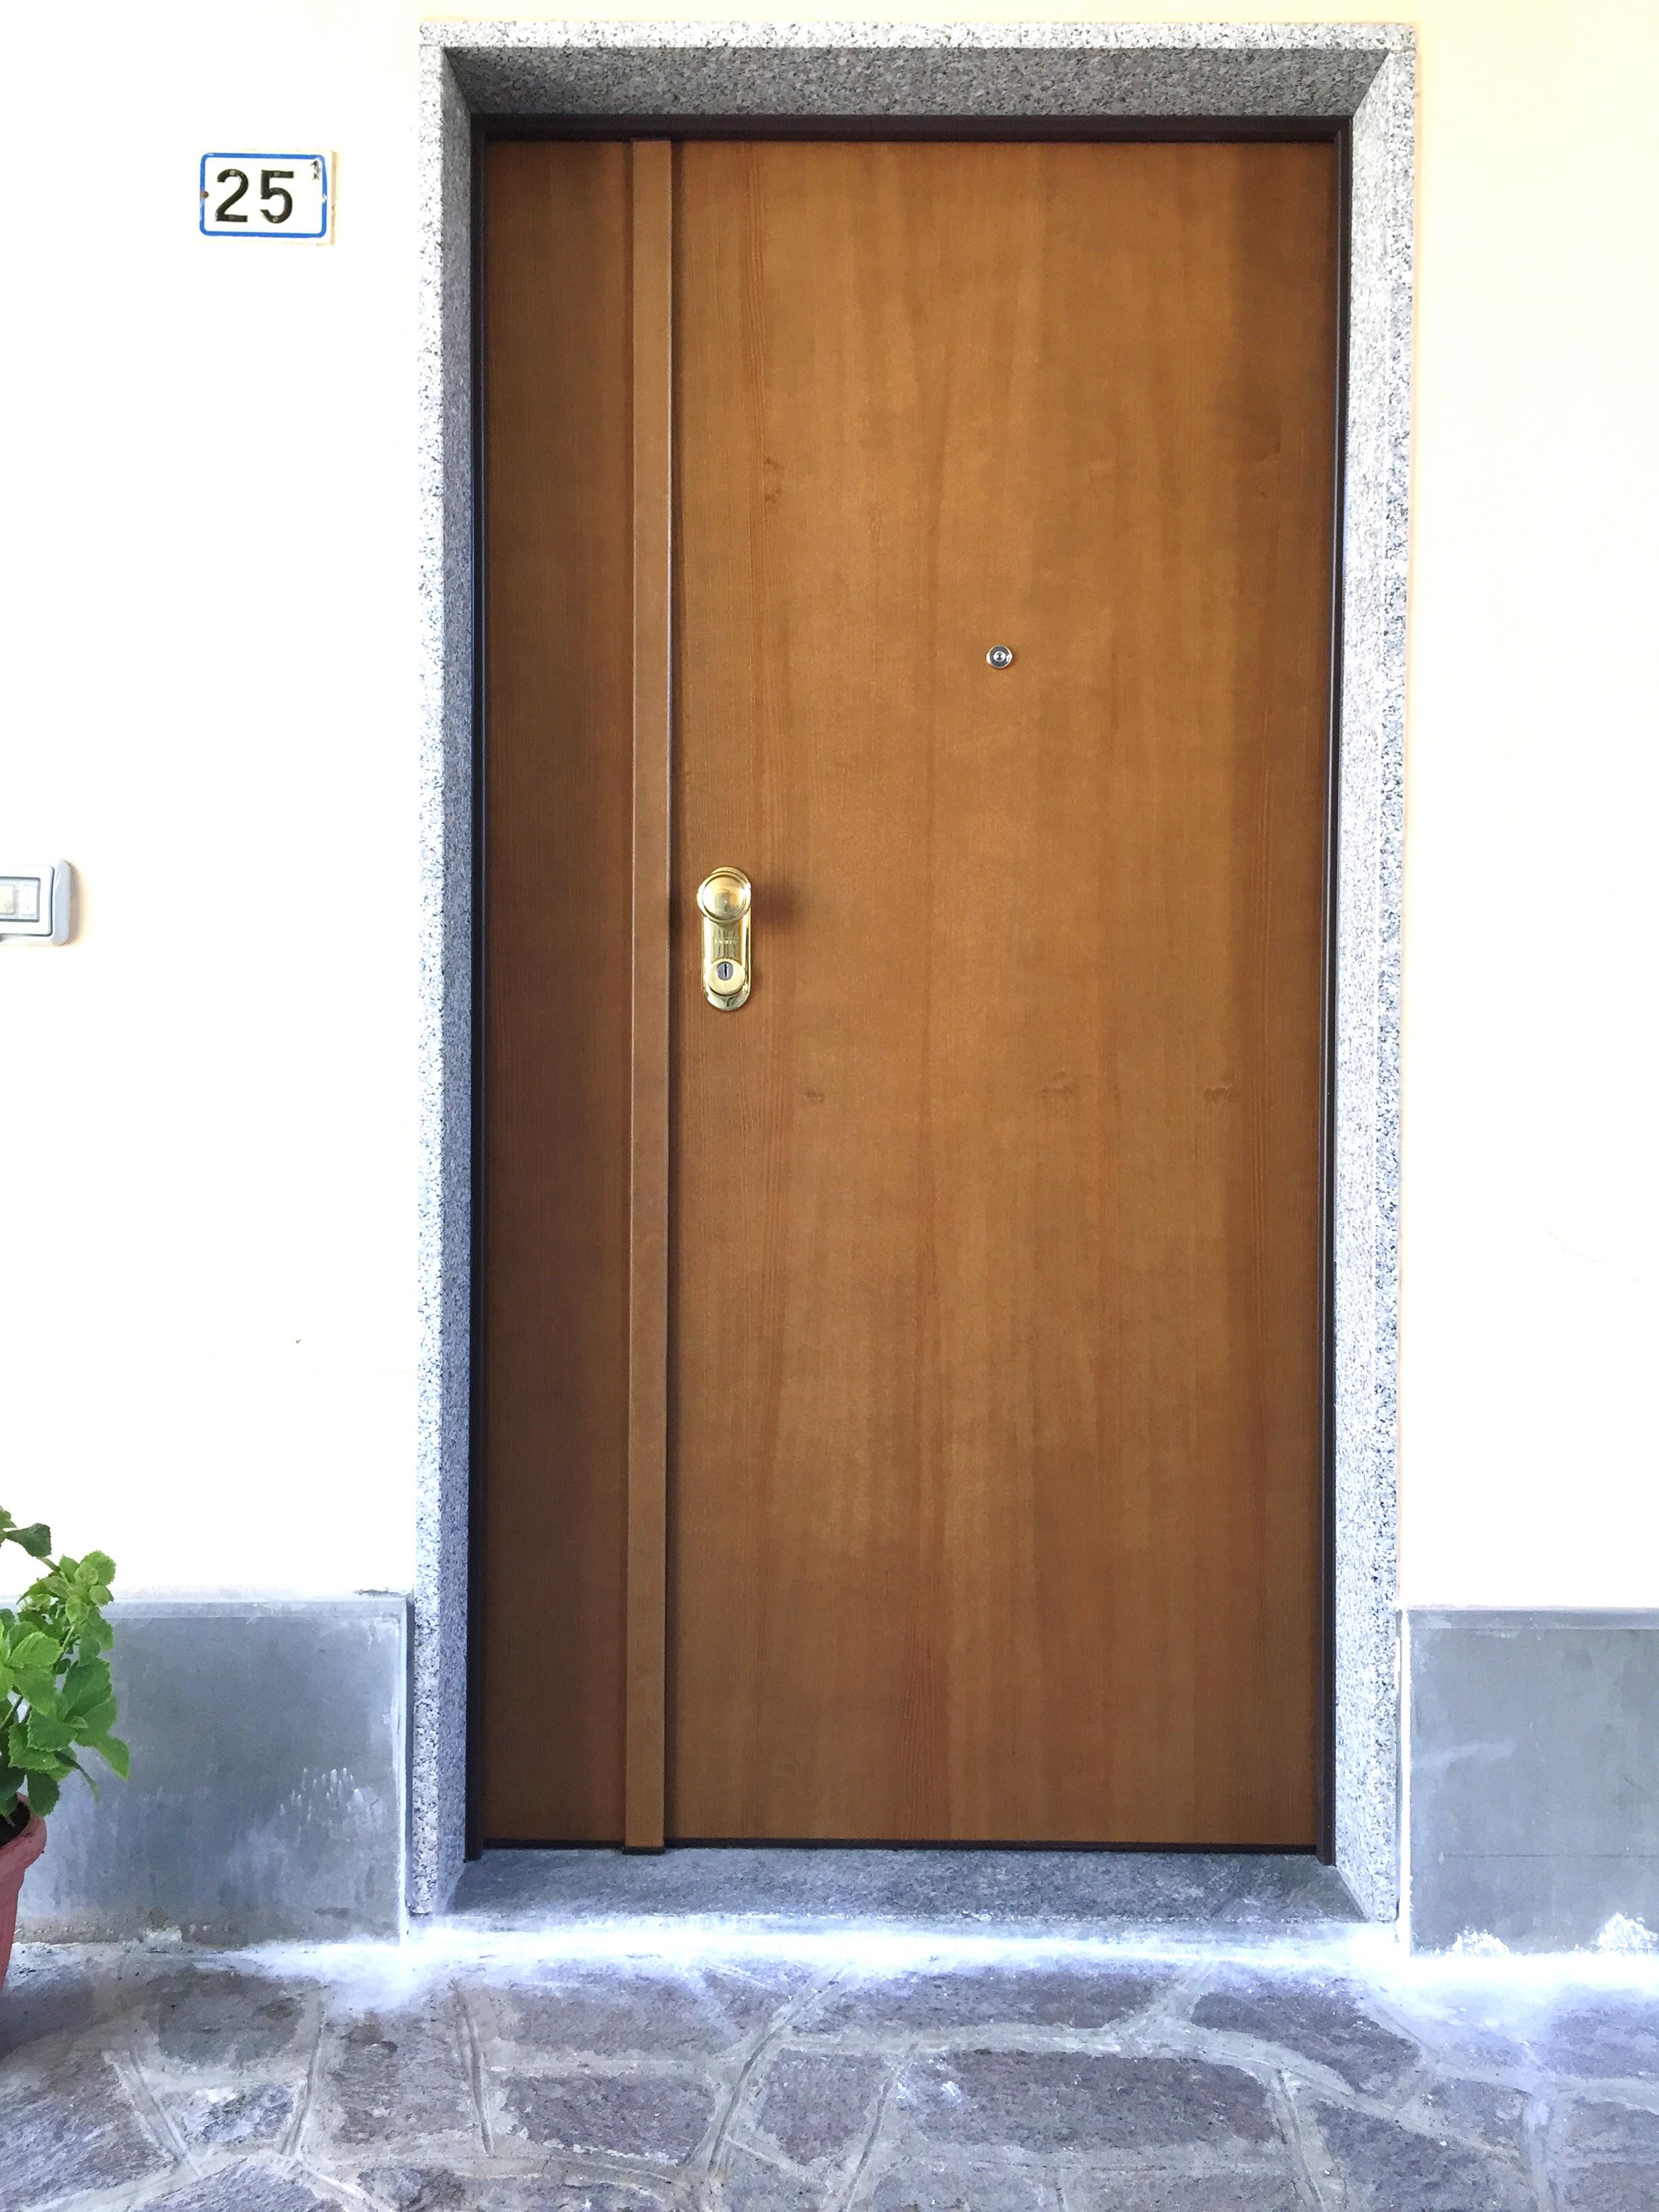 Porta blindata Dierre Sentry 1 , doppio battente , abitazione a Maleo.